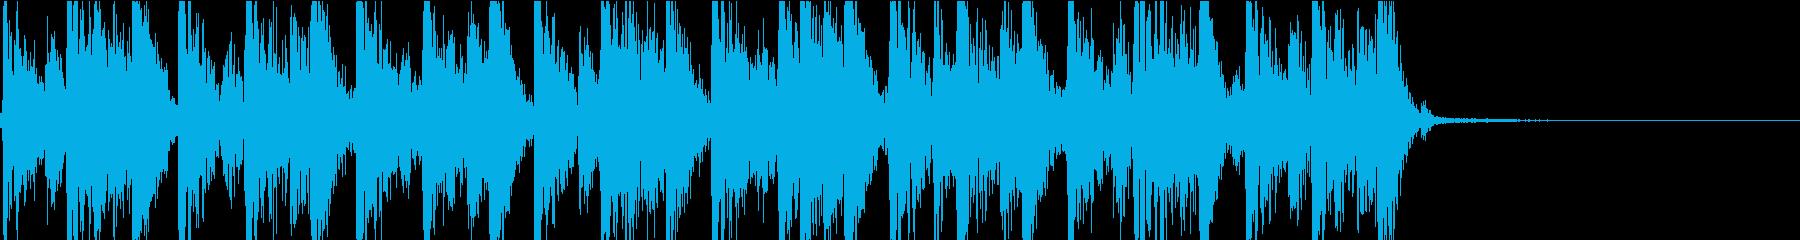 渋くてかっこいいジングルの再生済みの波形